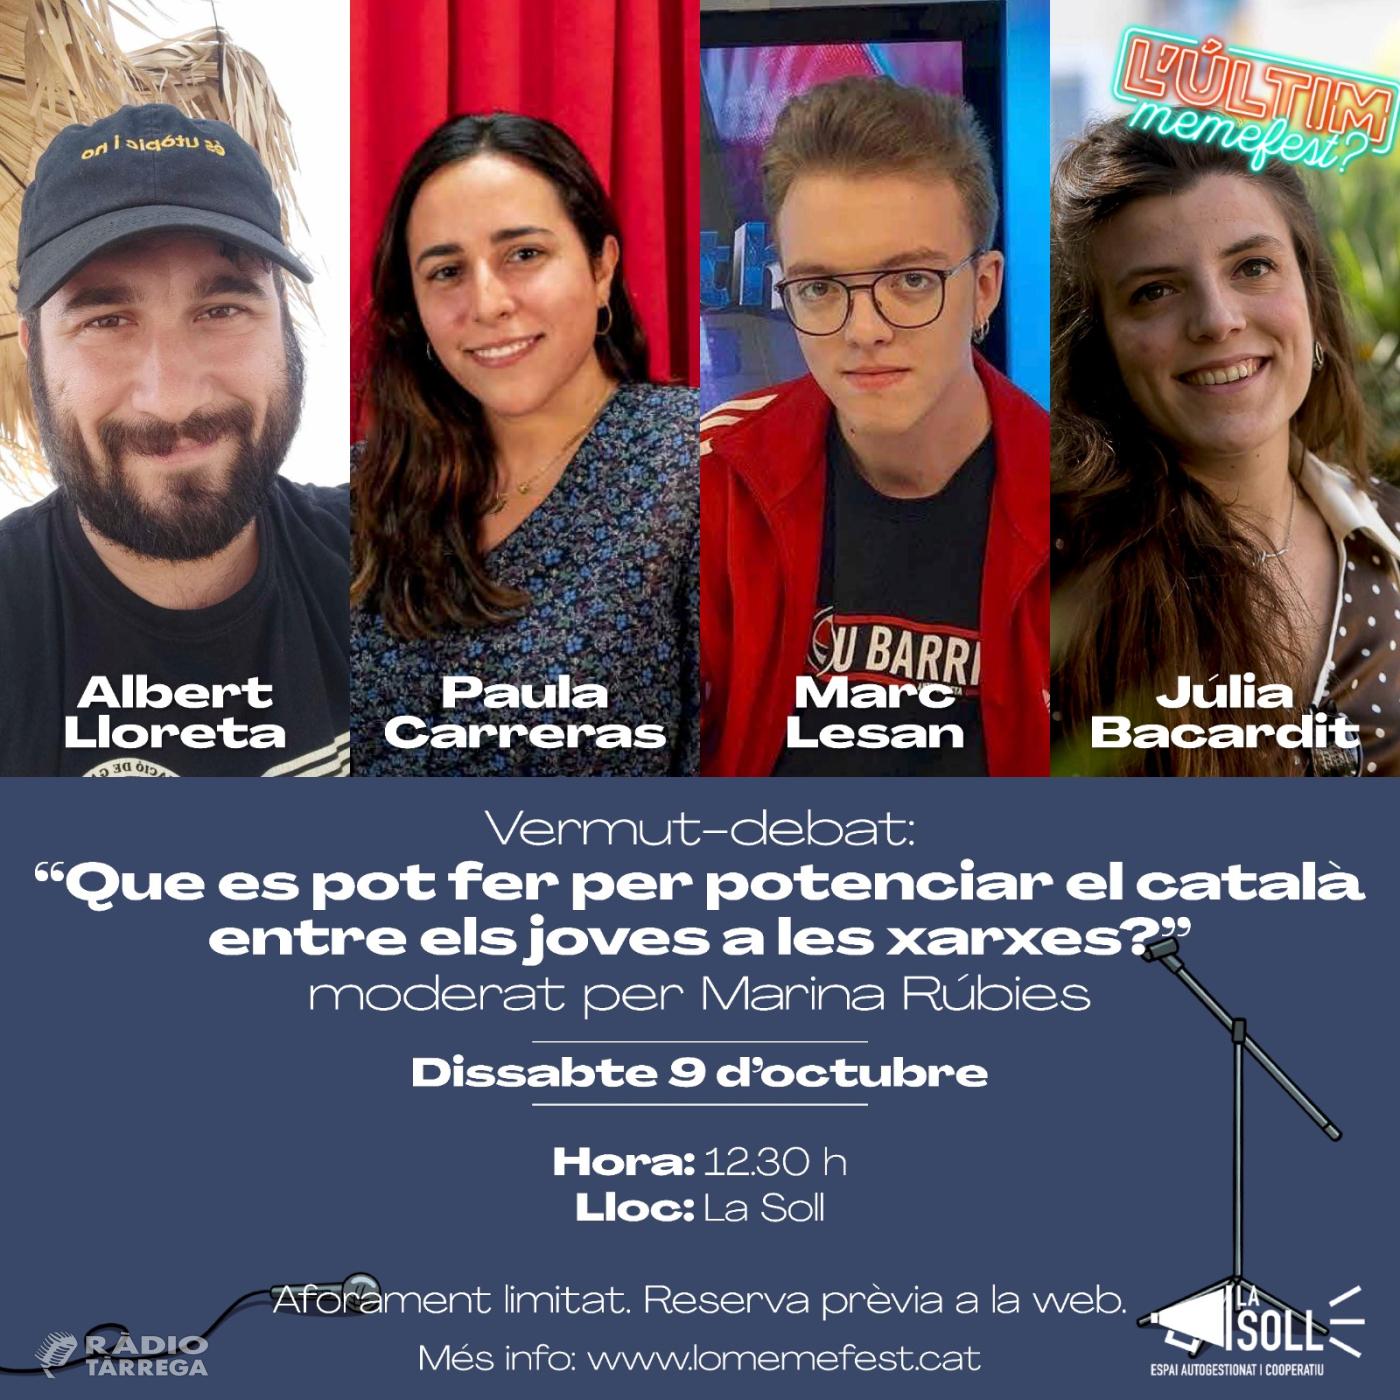 Lo Memefest debatrà com potenciar el català a les xarxes entre els joves amb Albert Lloreta, Paula Carreras, Marc Lesan i Júlia Bacardit